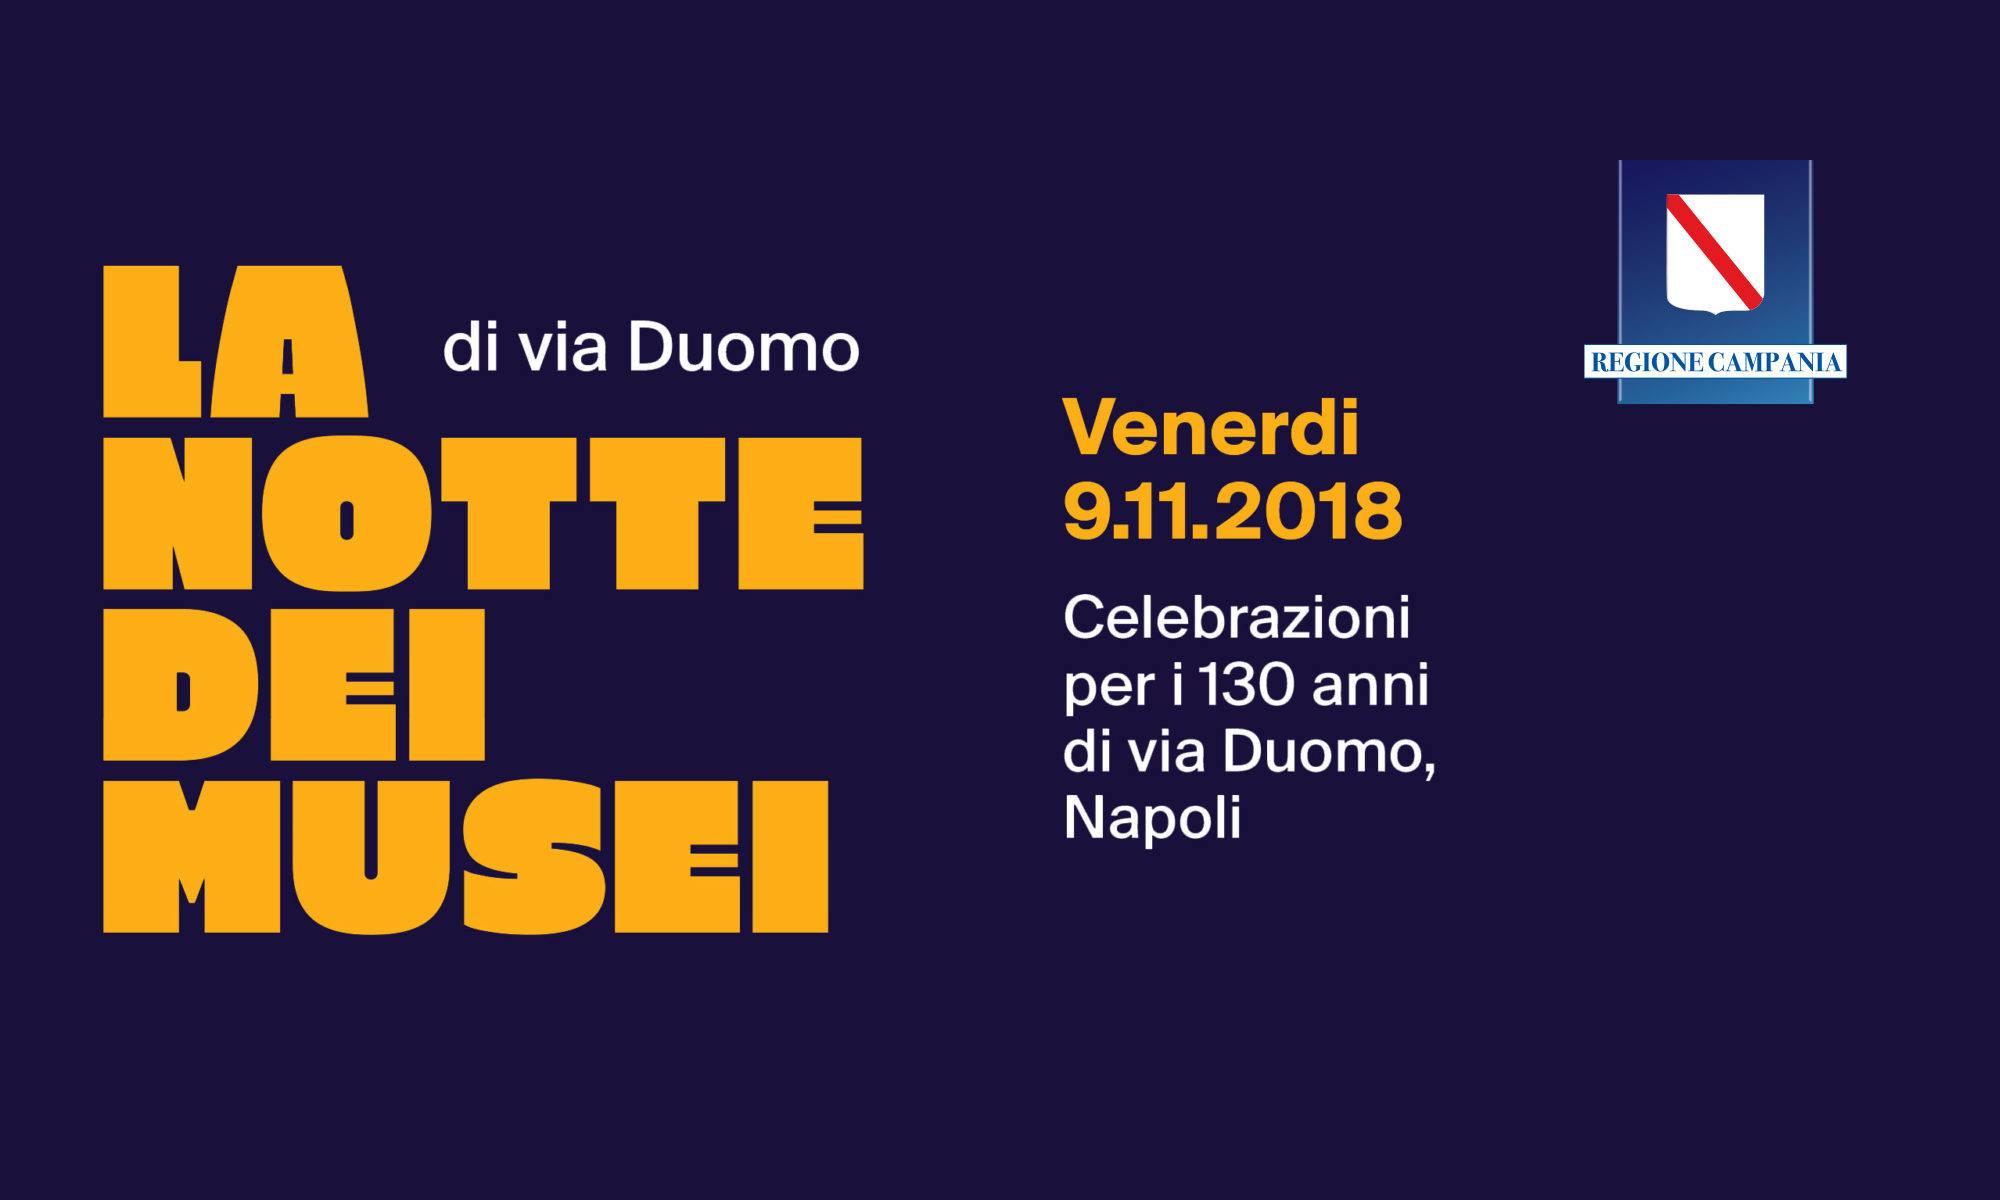 Gratis in Campania questo weekend la Notte dei Musei di via Duomo